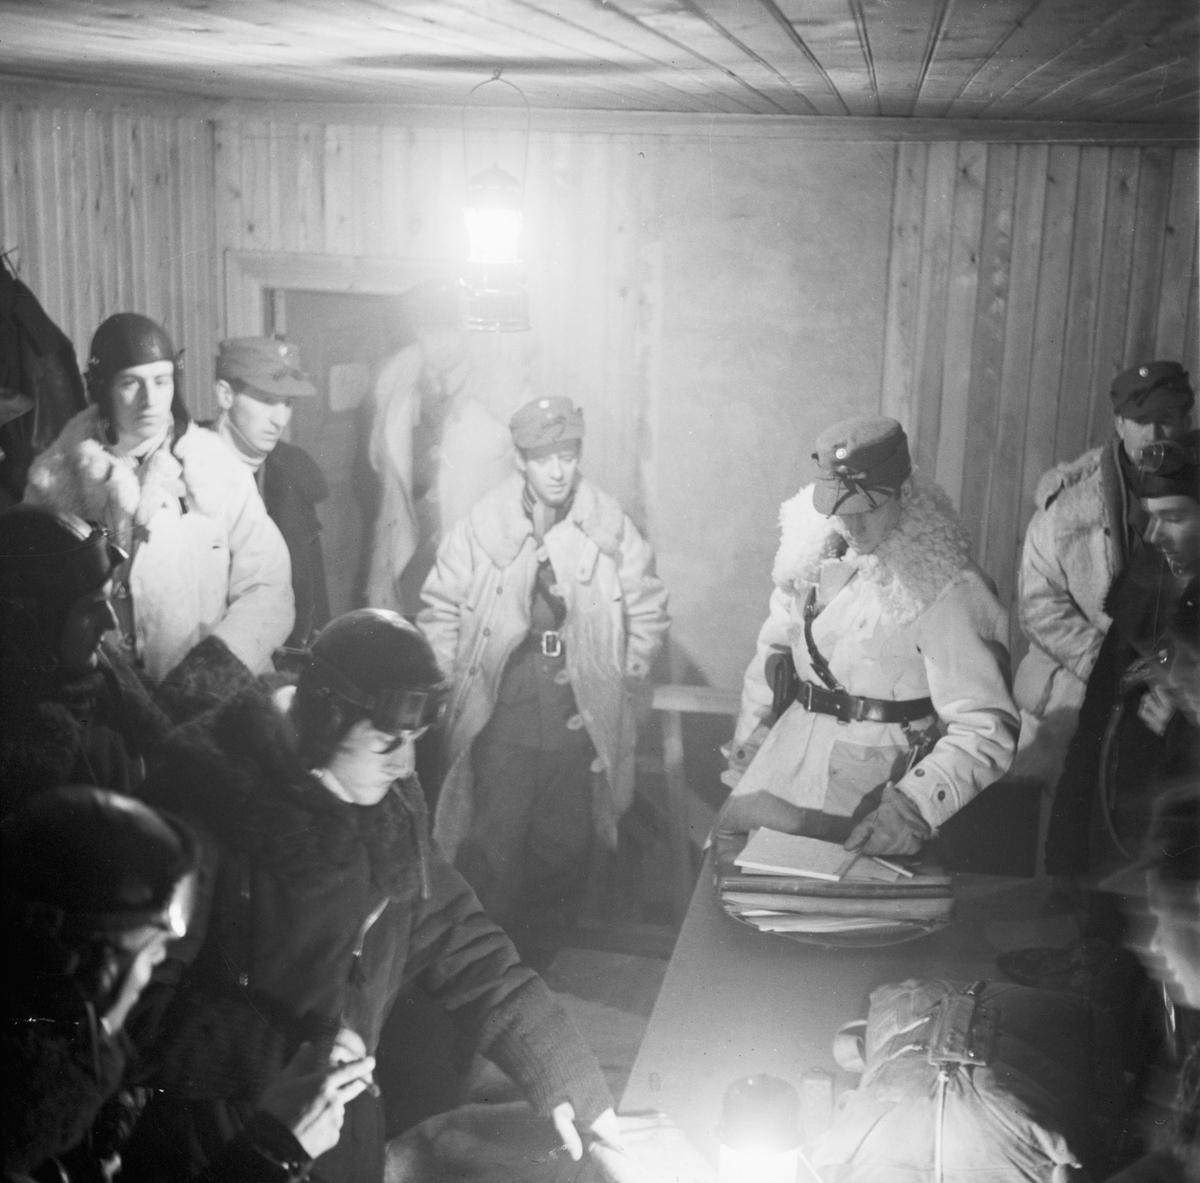 Ordergenomgång inne på förläggning vid Svenska frivilligkåren i Finland, F 19. Militärer klädda i vinteruniform och flygdräkt.